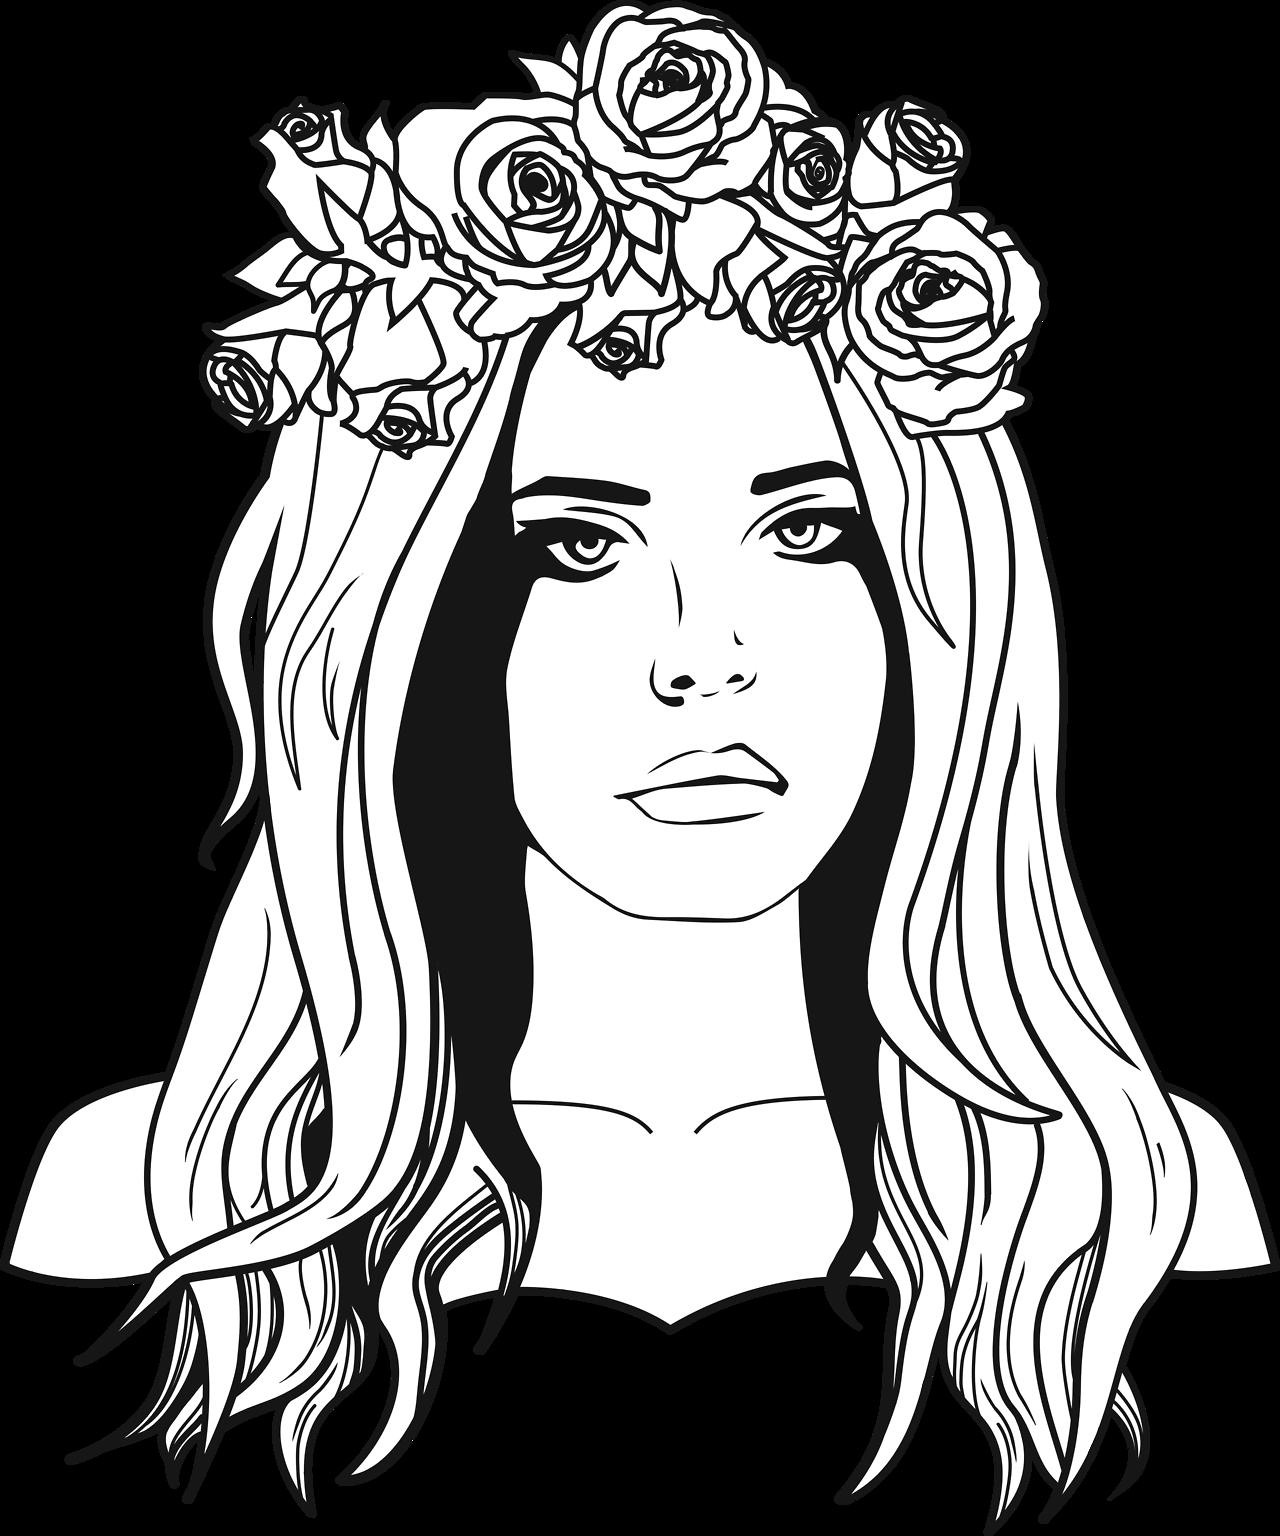 Pills Heels Stories Photo Lana Del Rey Art Lana Del Rey Tattoos Lana Del Rey